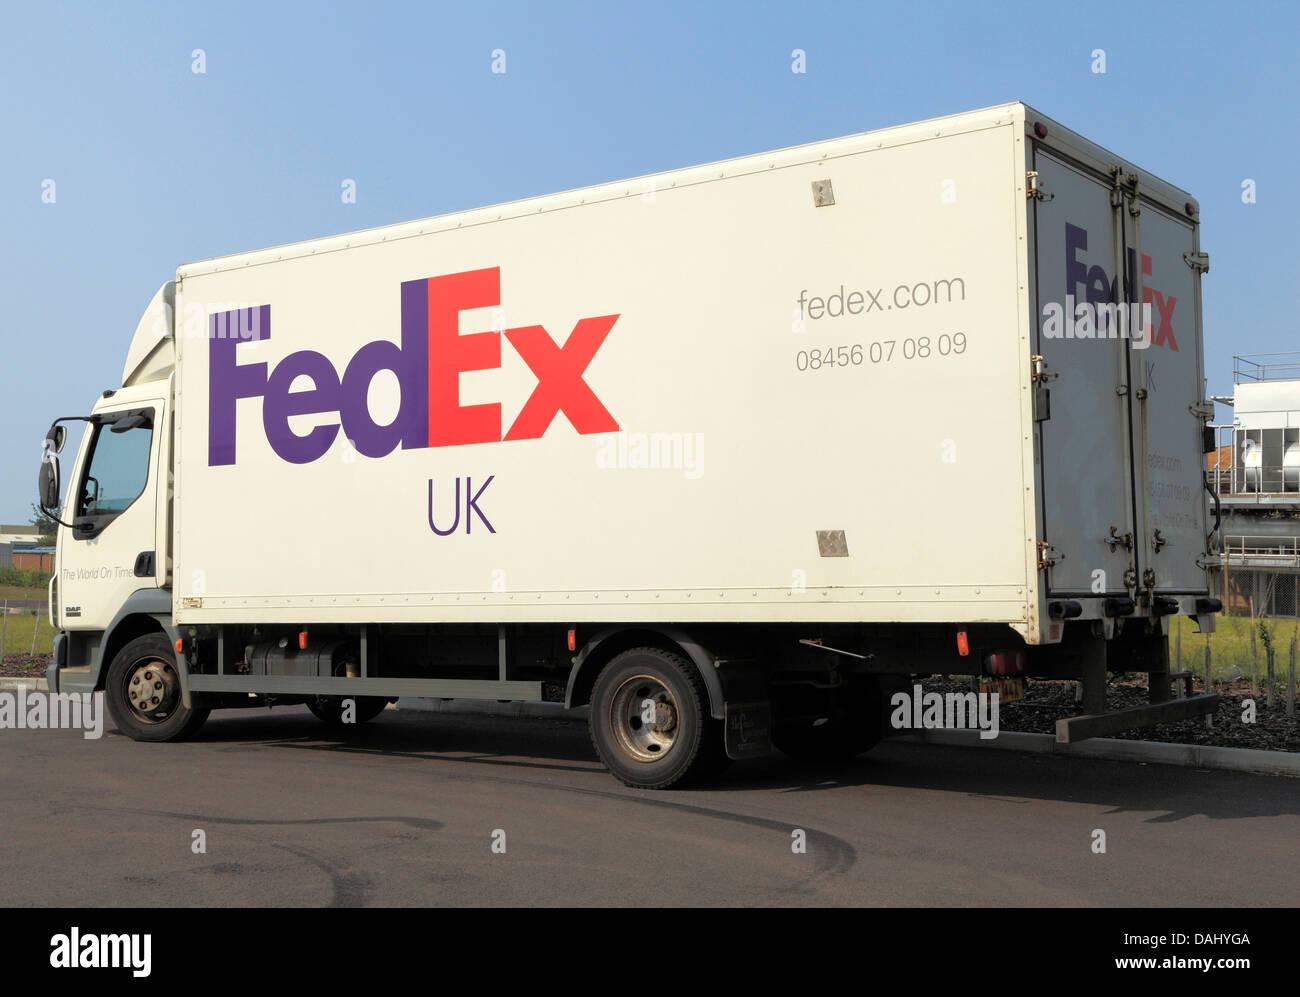 Fed Ex transport transporter truck lorry vehicle England UK FedEx sign logo - Stock Image